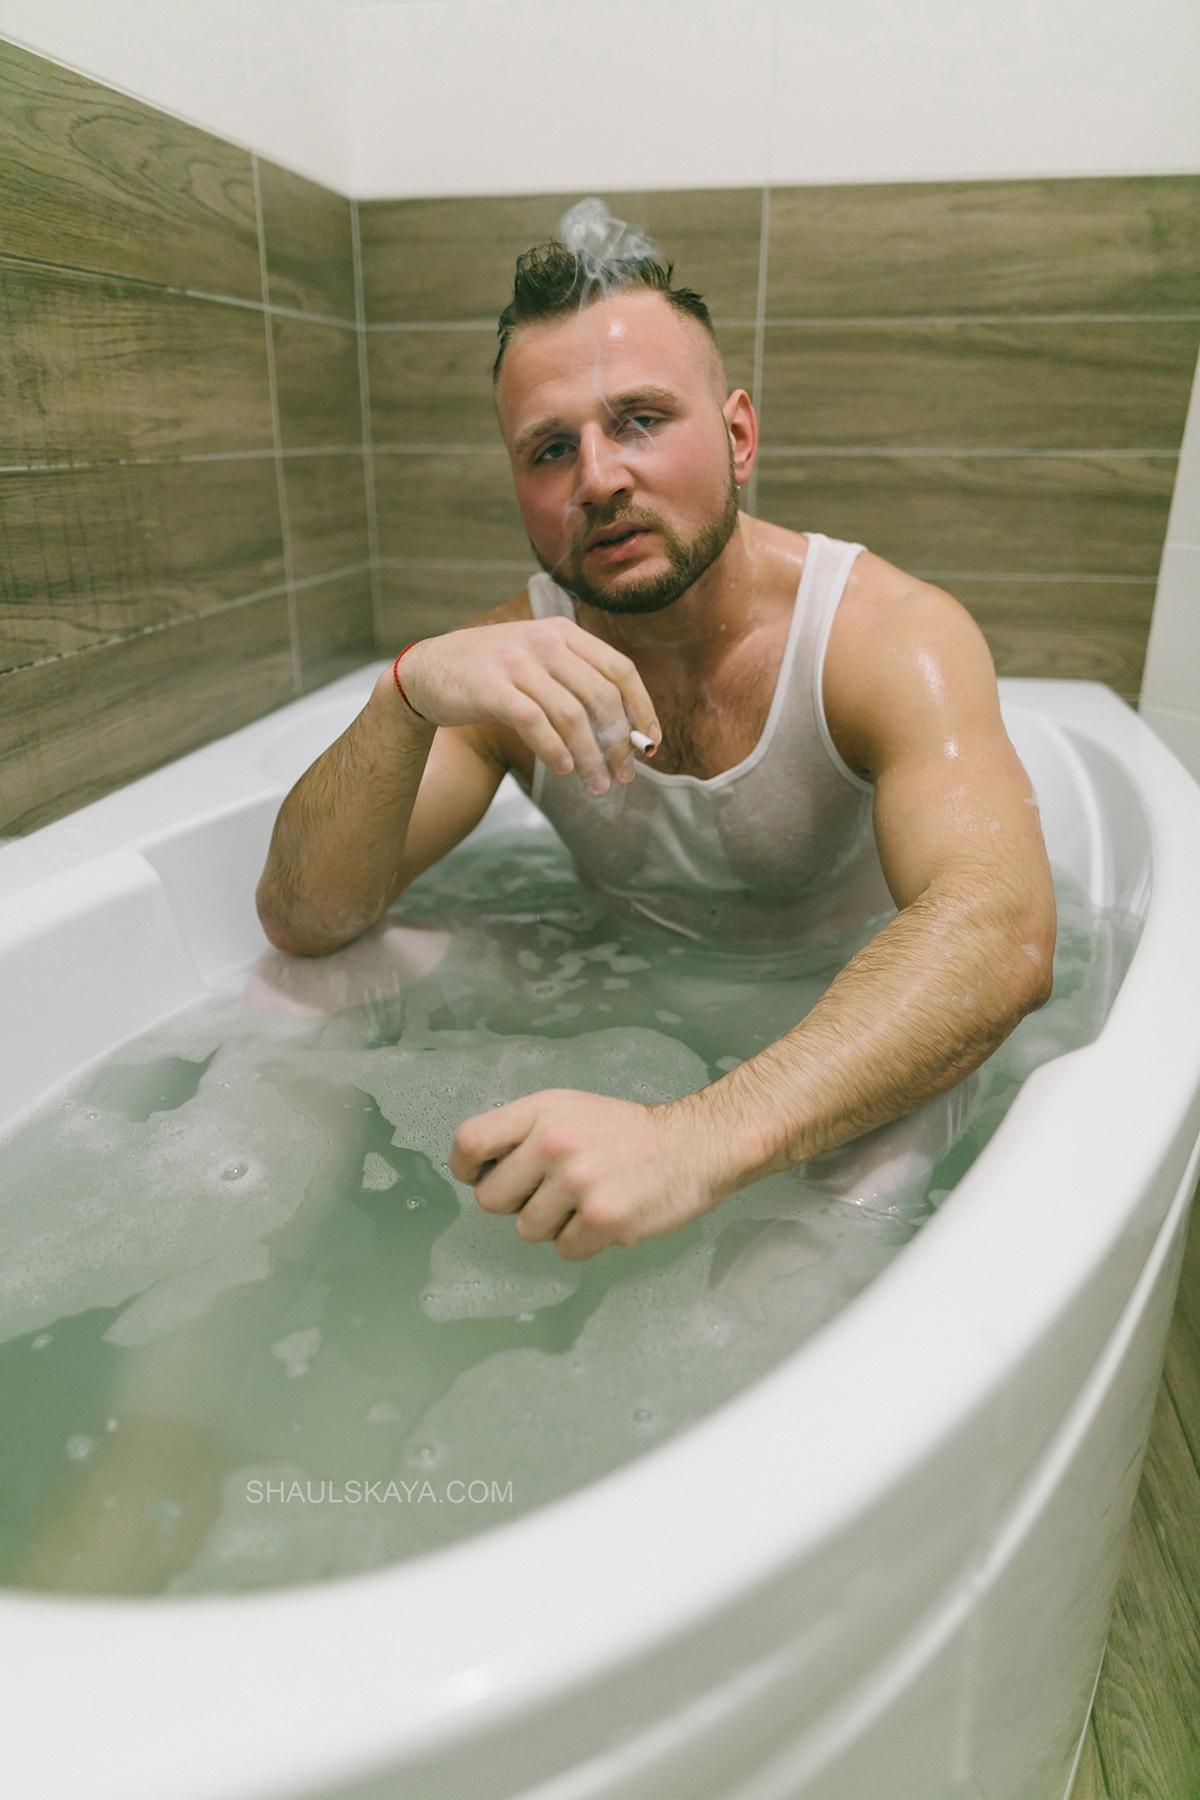 мужская фотосессия в ванной Харьков фото